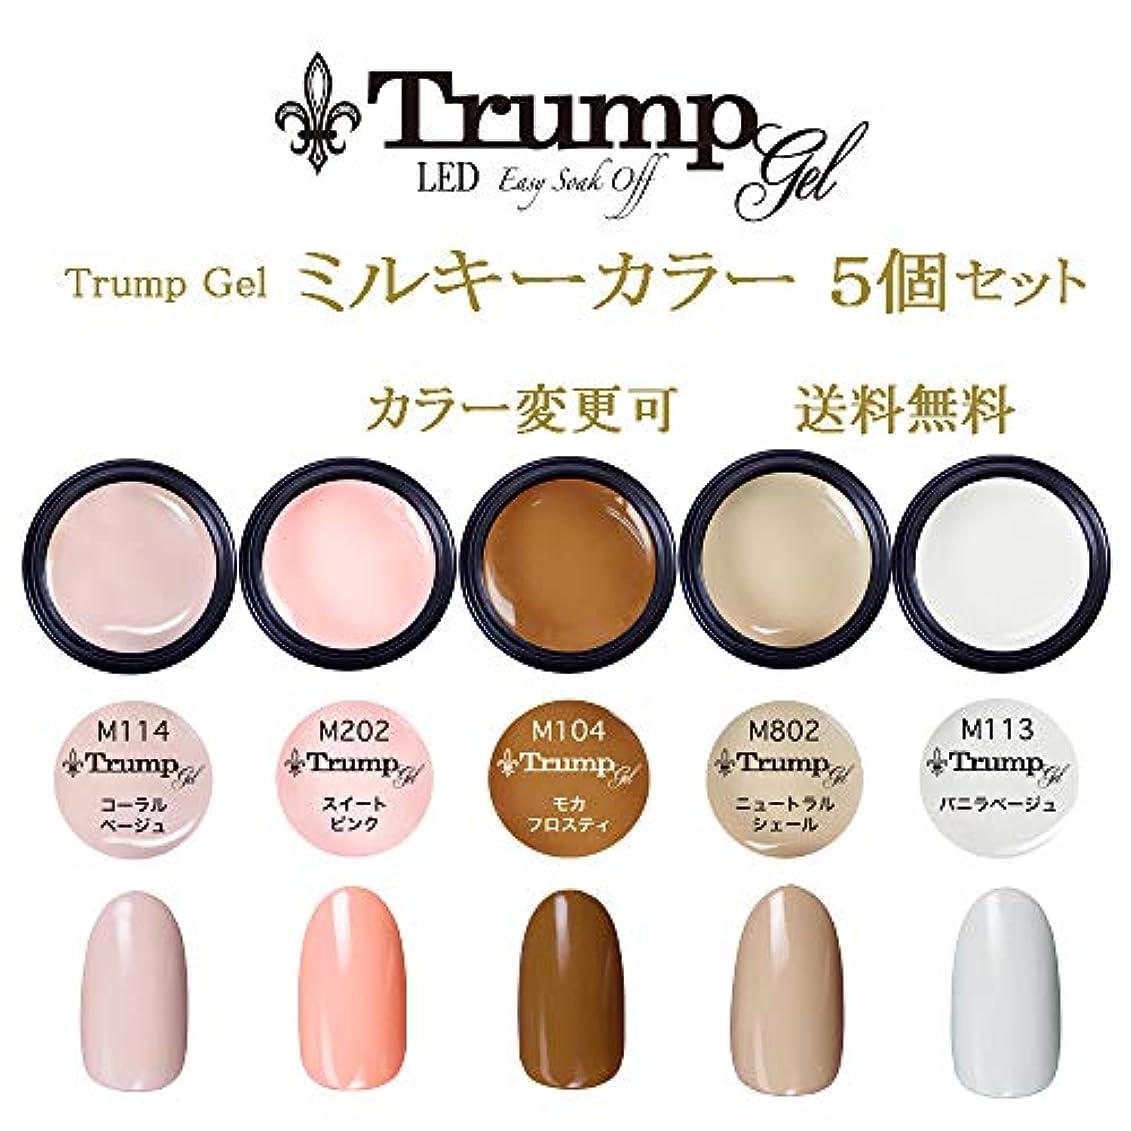 バンケットバルーン不平を言う【送料無料】日本製 Trump gel トランプジェル ミルキーカラー 選べる カラージェル 5個セット ミルキーネイル ベージュ ピンク ミルキー カラー